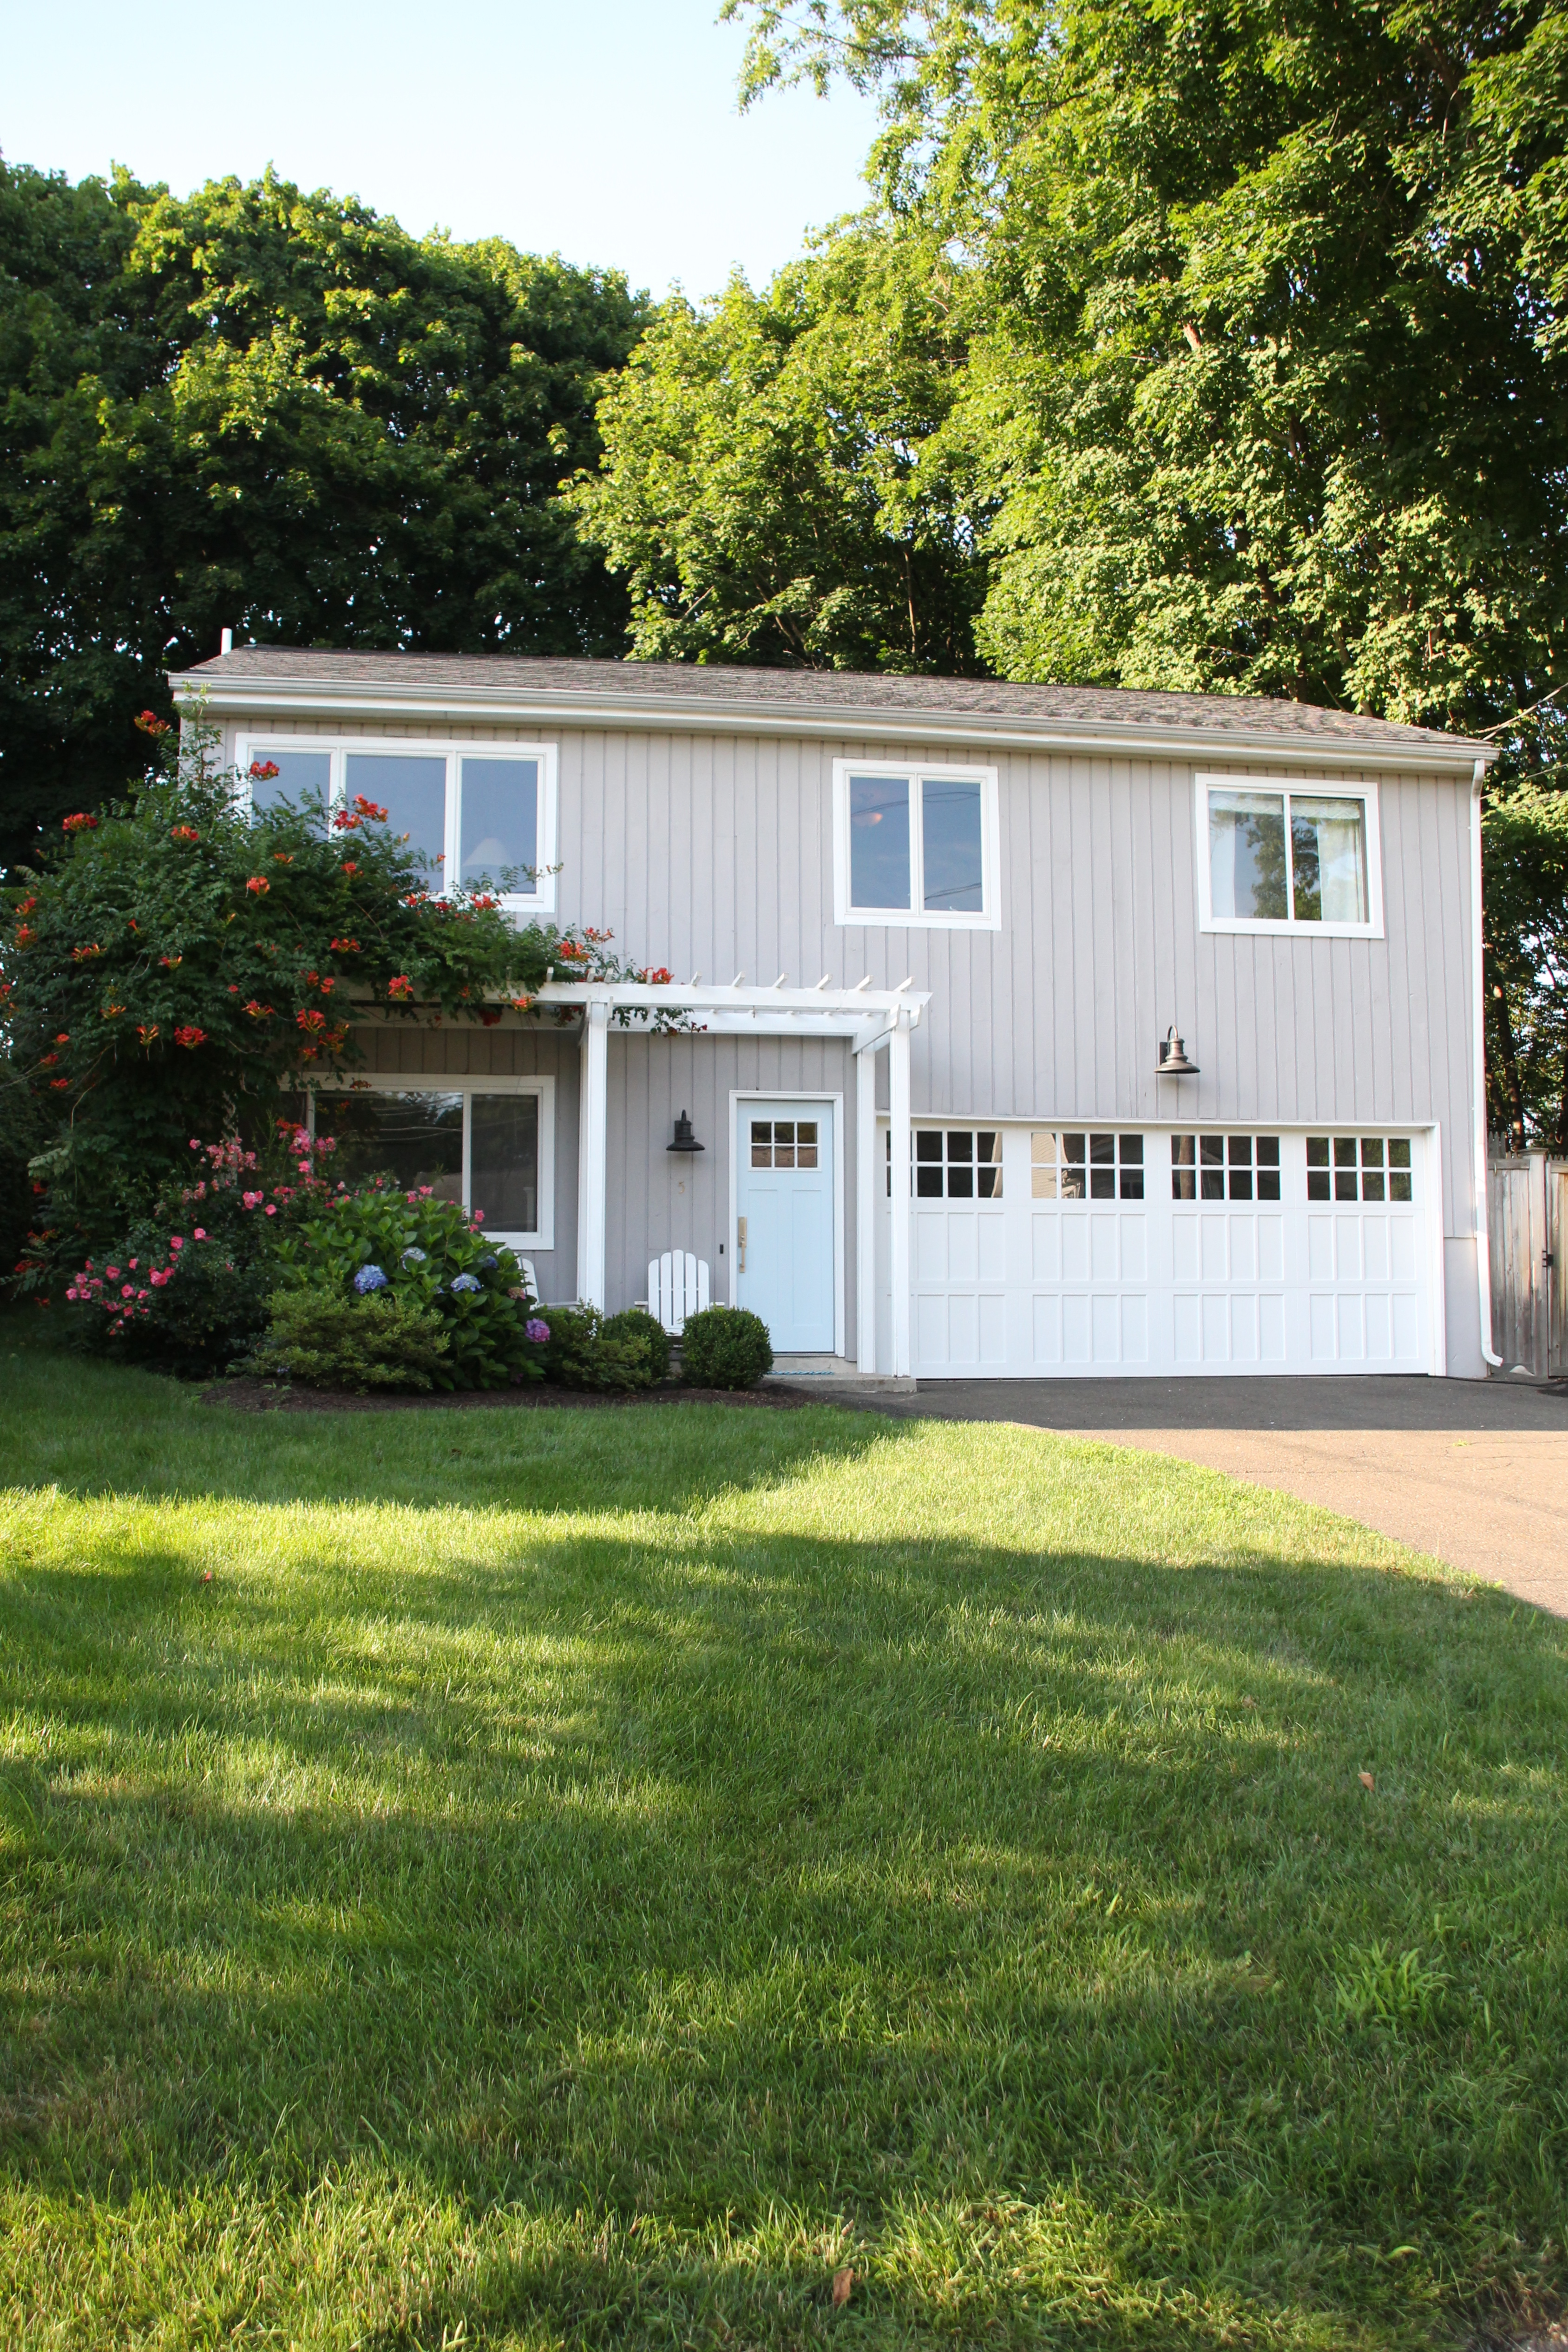 独户住宅 为 销售 在 5 Woodbine Street Rowayton, Norwalk, 康涅狄格州 06853 美国